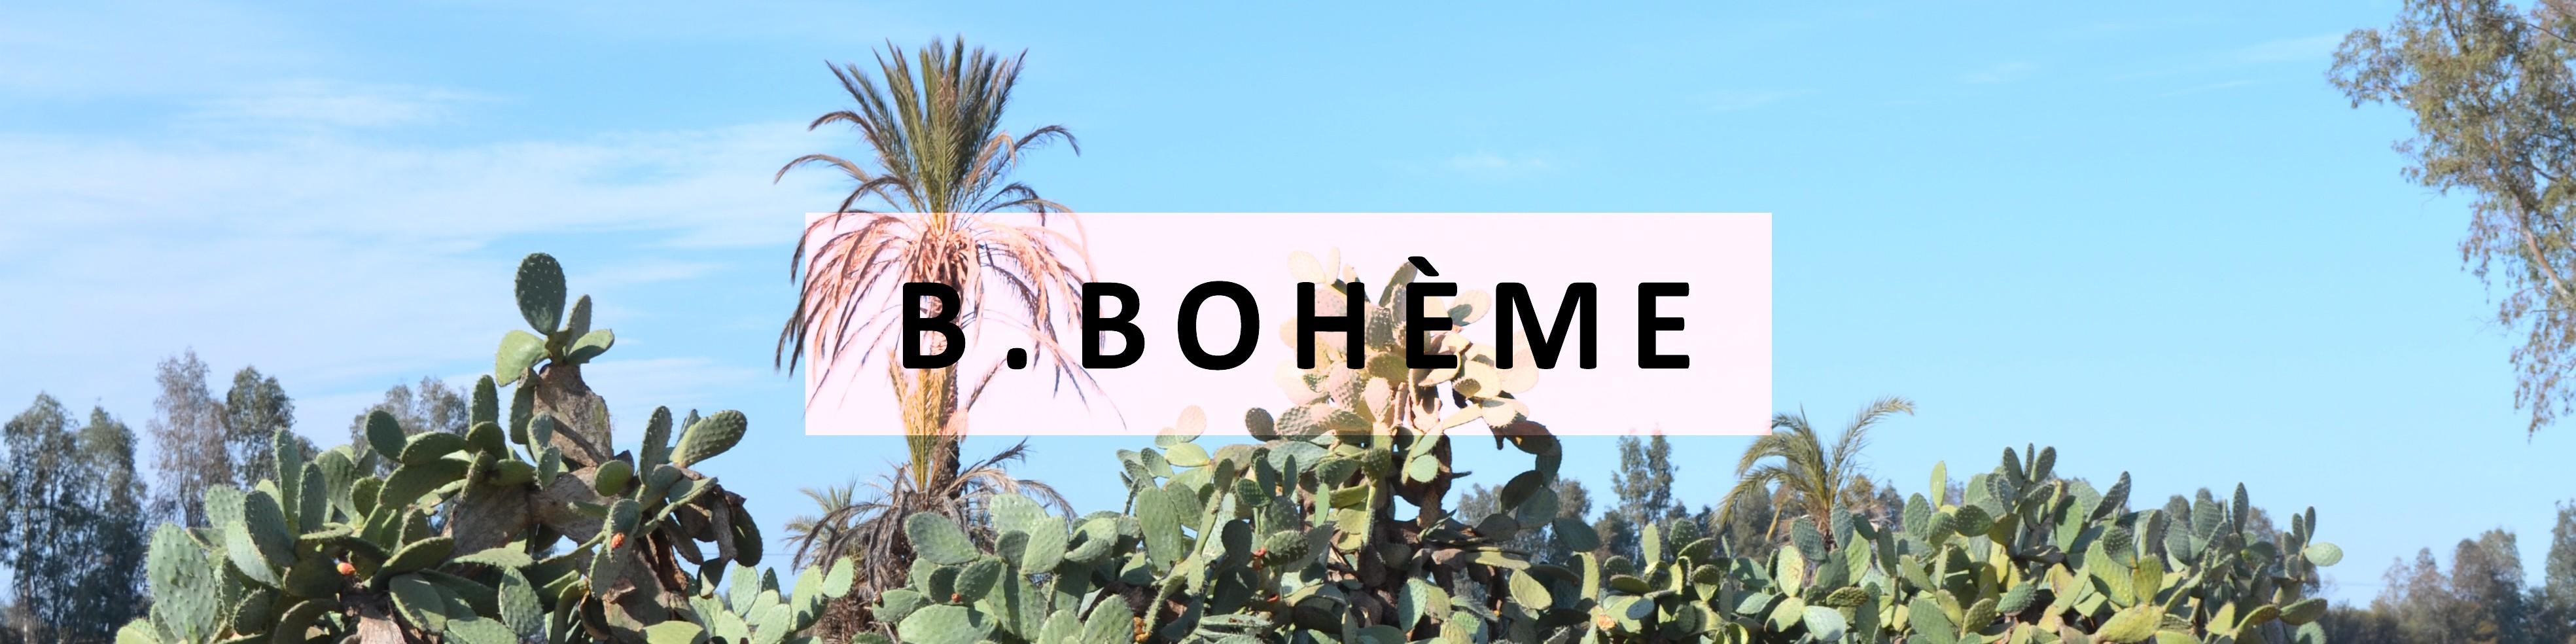 B.BOHEME